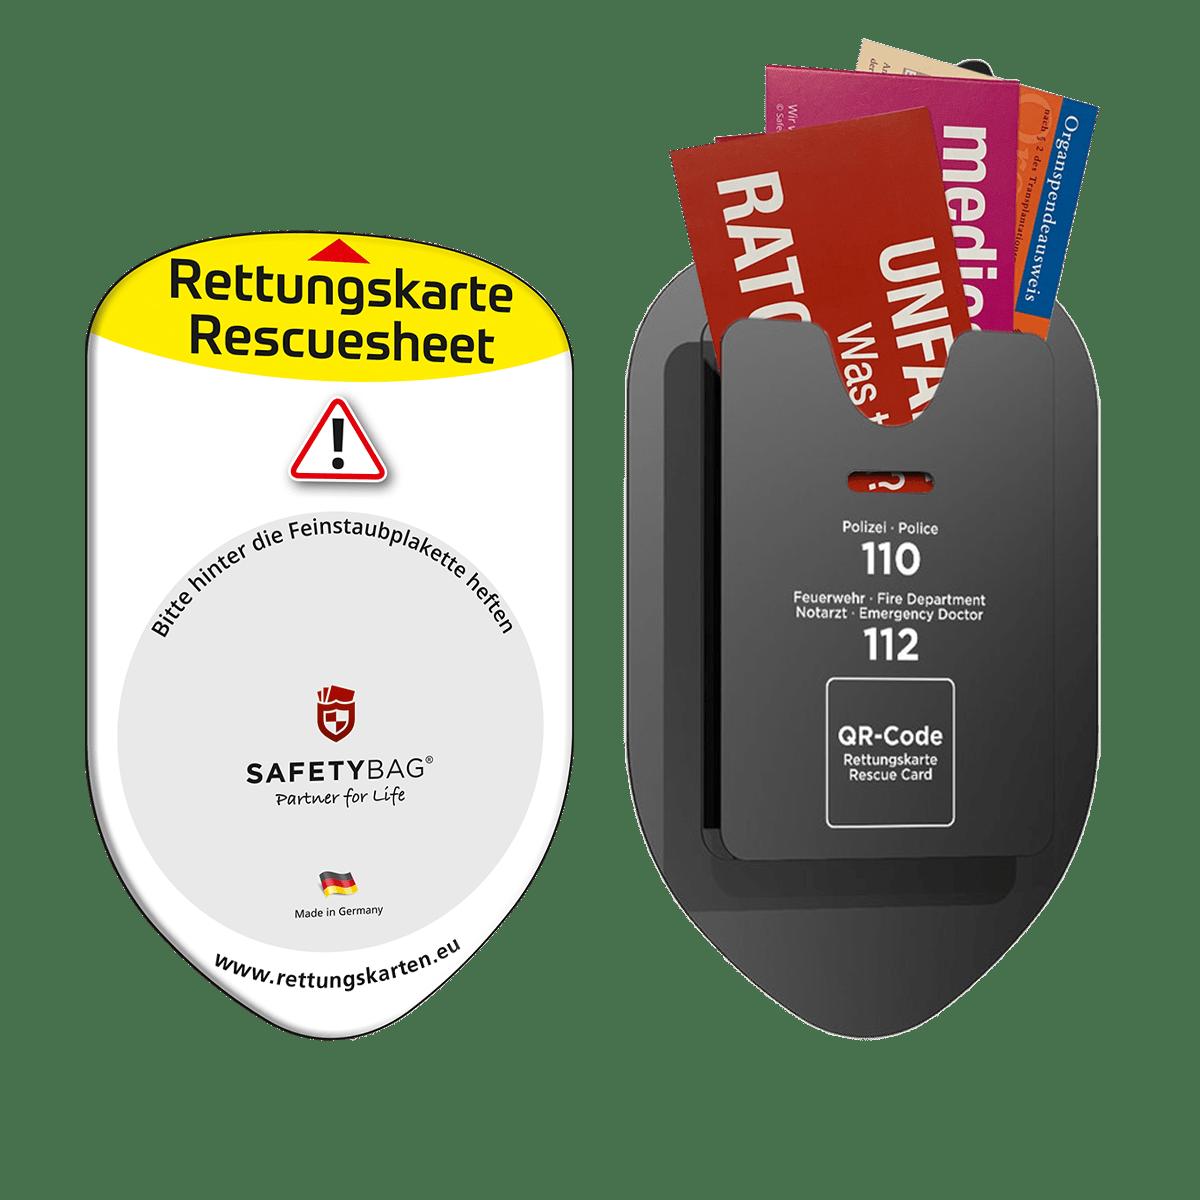 Rettungskarten Halterung Rettungsdatenblatt – Download – Vorder- und Rückseite – Unfallratgeber Medicard Organspendeausweis –Safetybag